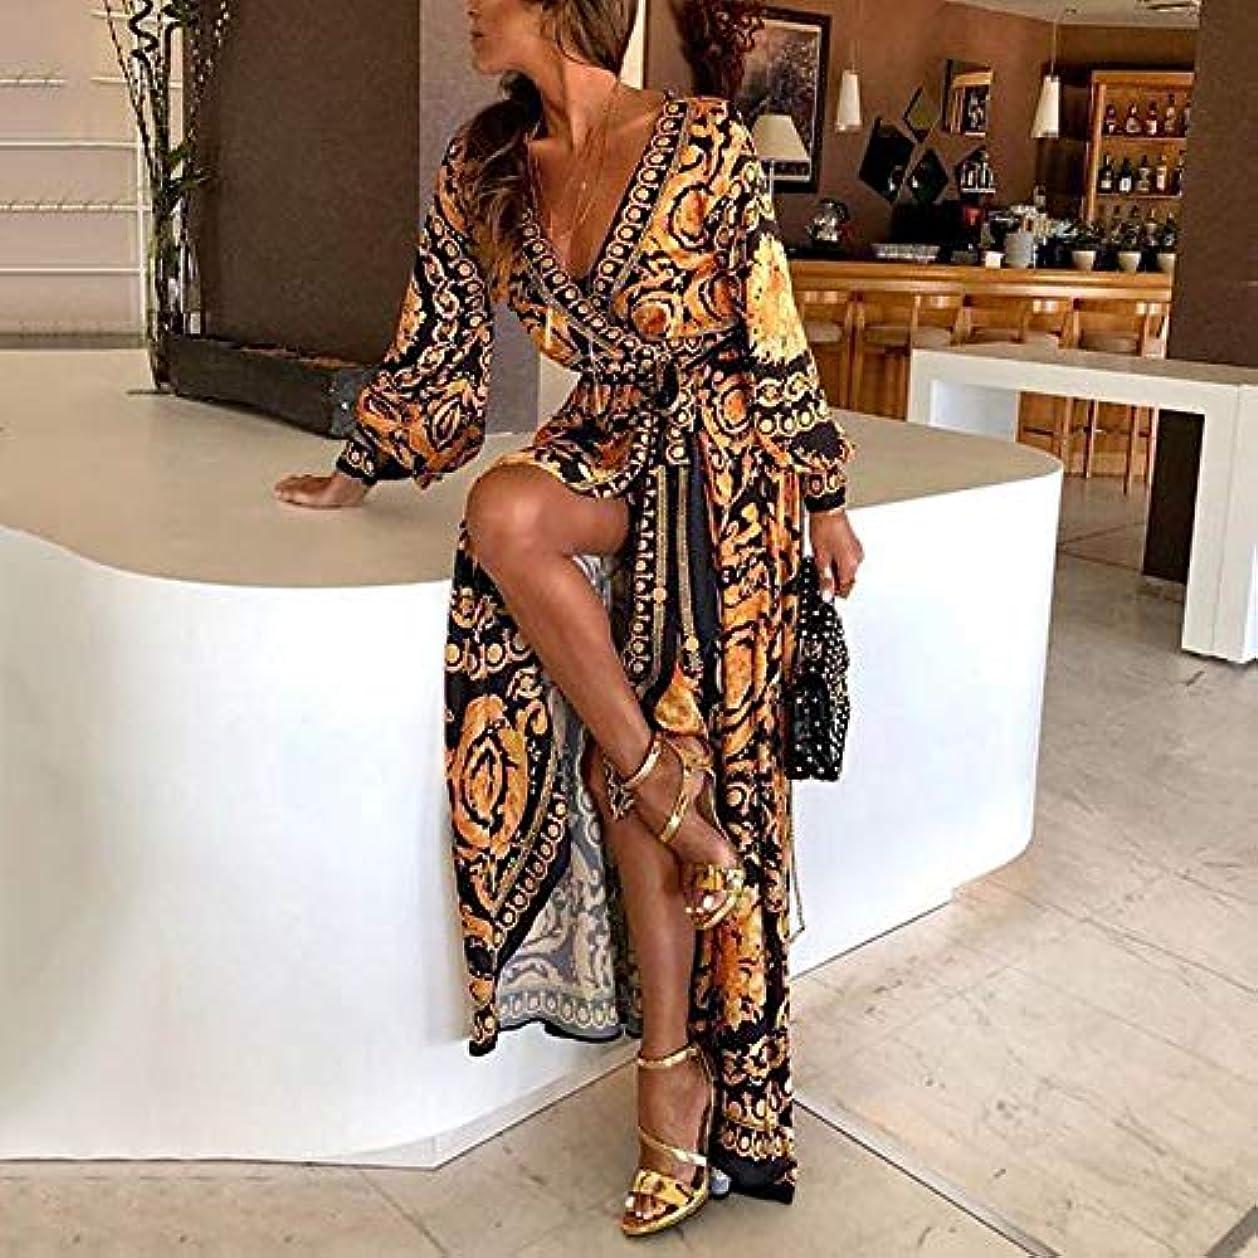 残忍な息子一貫したOnderroa - ファッションエレガントな女性のセクシーなボートネックグリッターディープVネックドレスパーティーフォーマルロングドレスを印刷